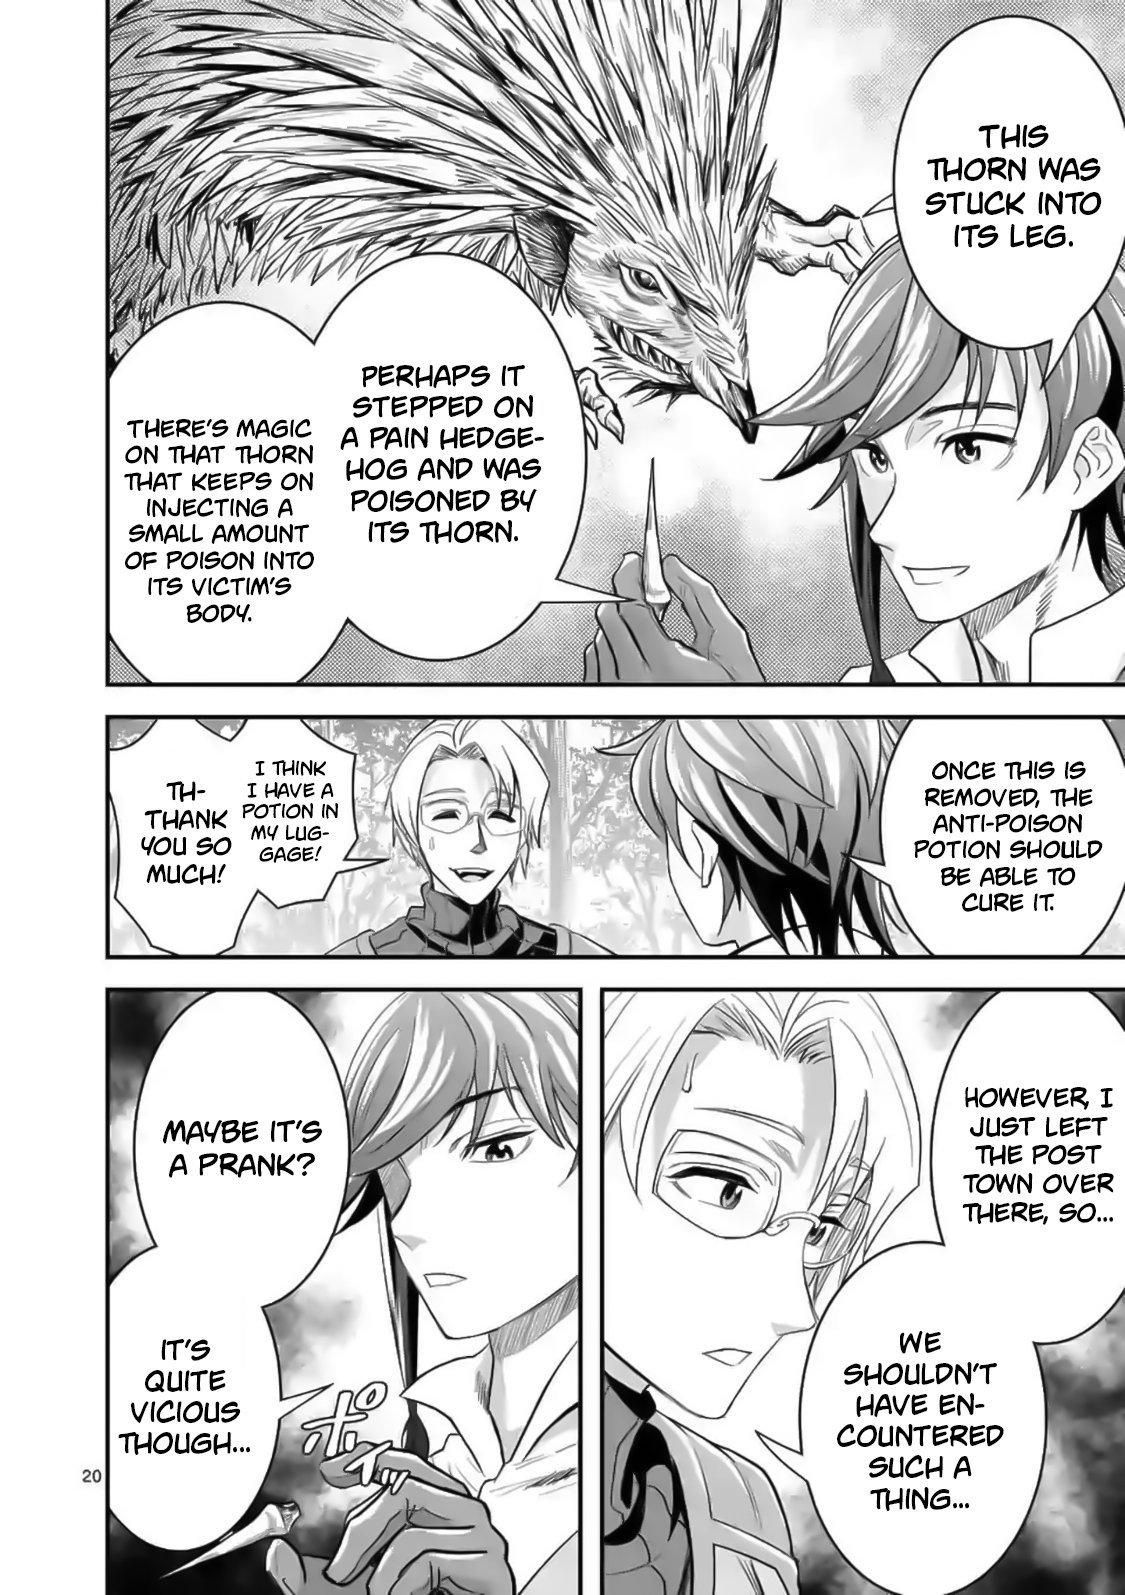 Manga 100-nin no Eiyuu o Sodateta Saikyou Yogensha wa, Boukensha ni Natte mo Sekaijuu no Deshi kara Shitawarete Masu - Chapter 19 Page 21